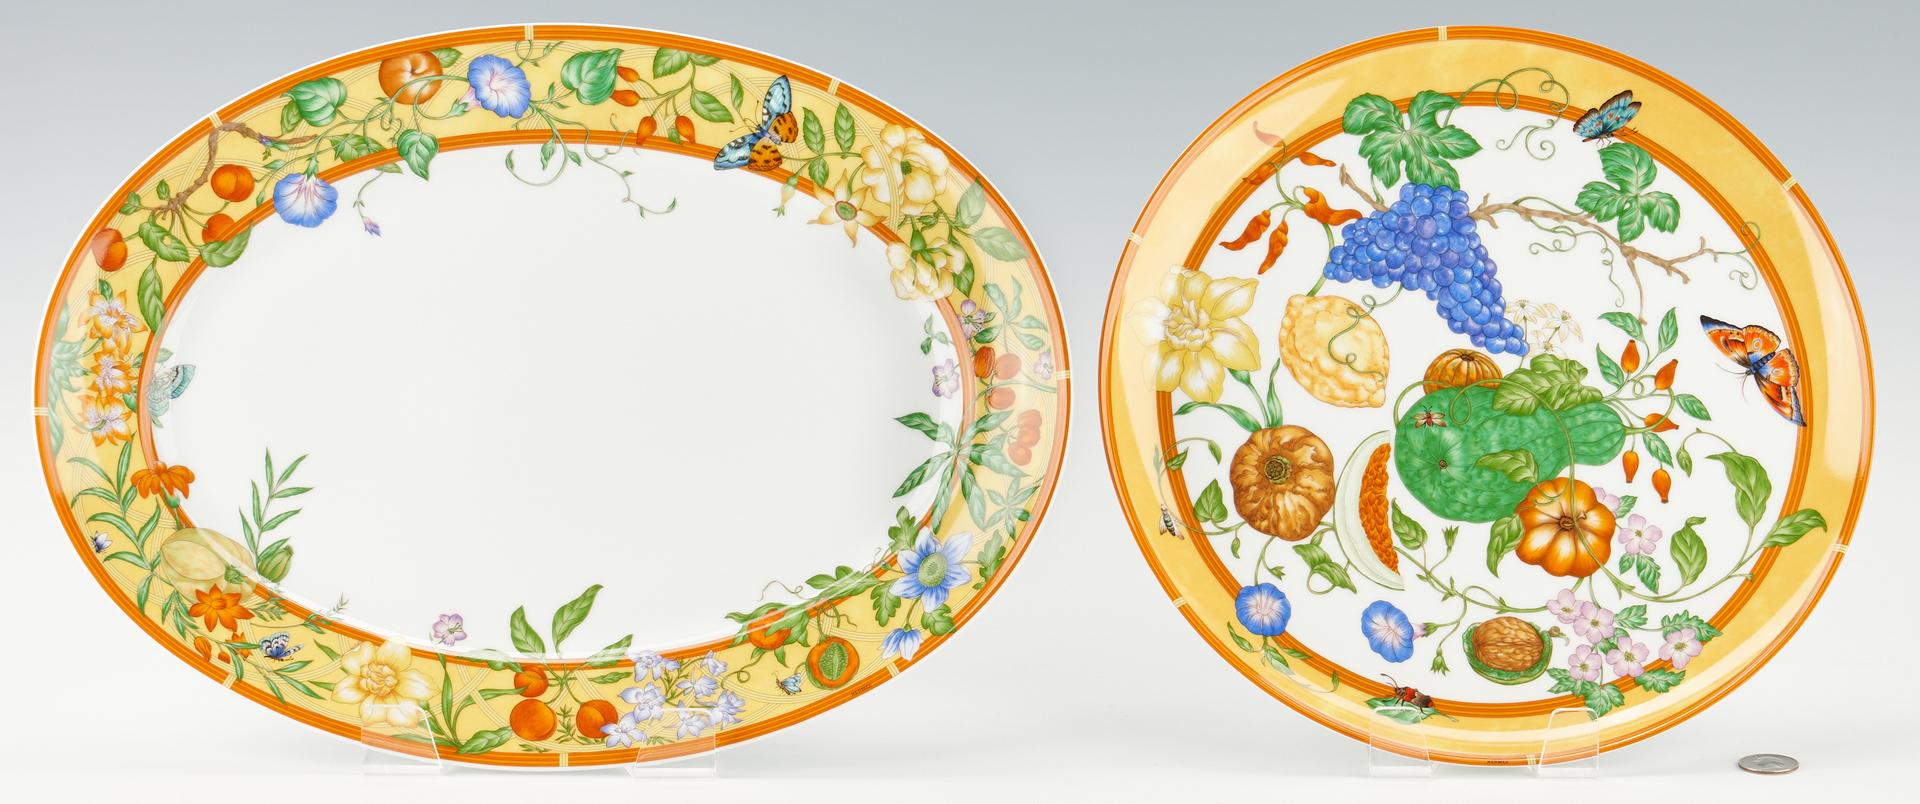 Lot 346: 50 Pcs. Hermes Siesta Porcelain, Dinner Service for 8